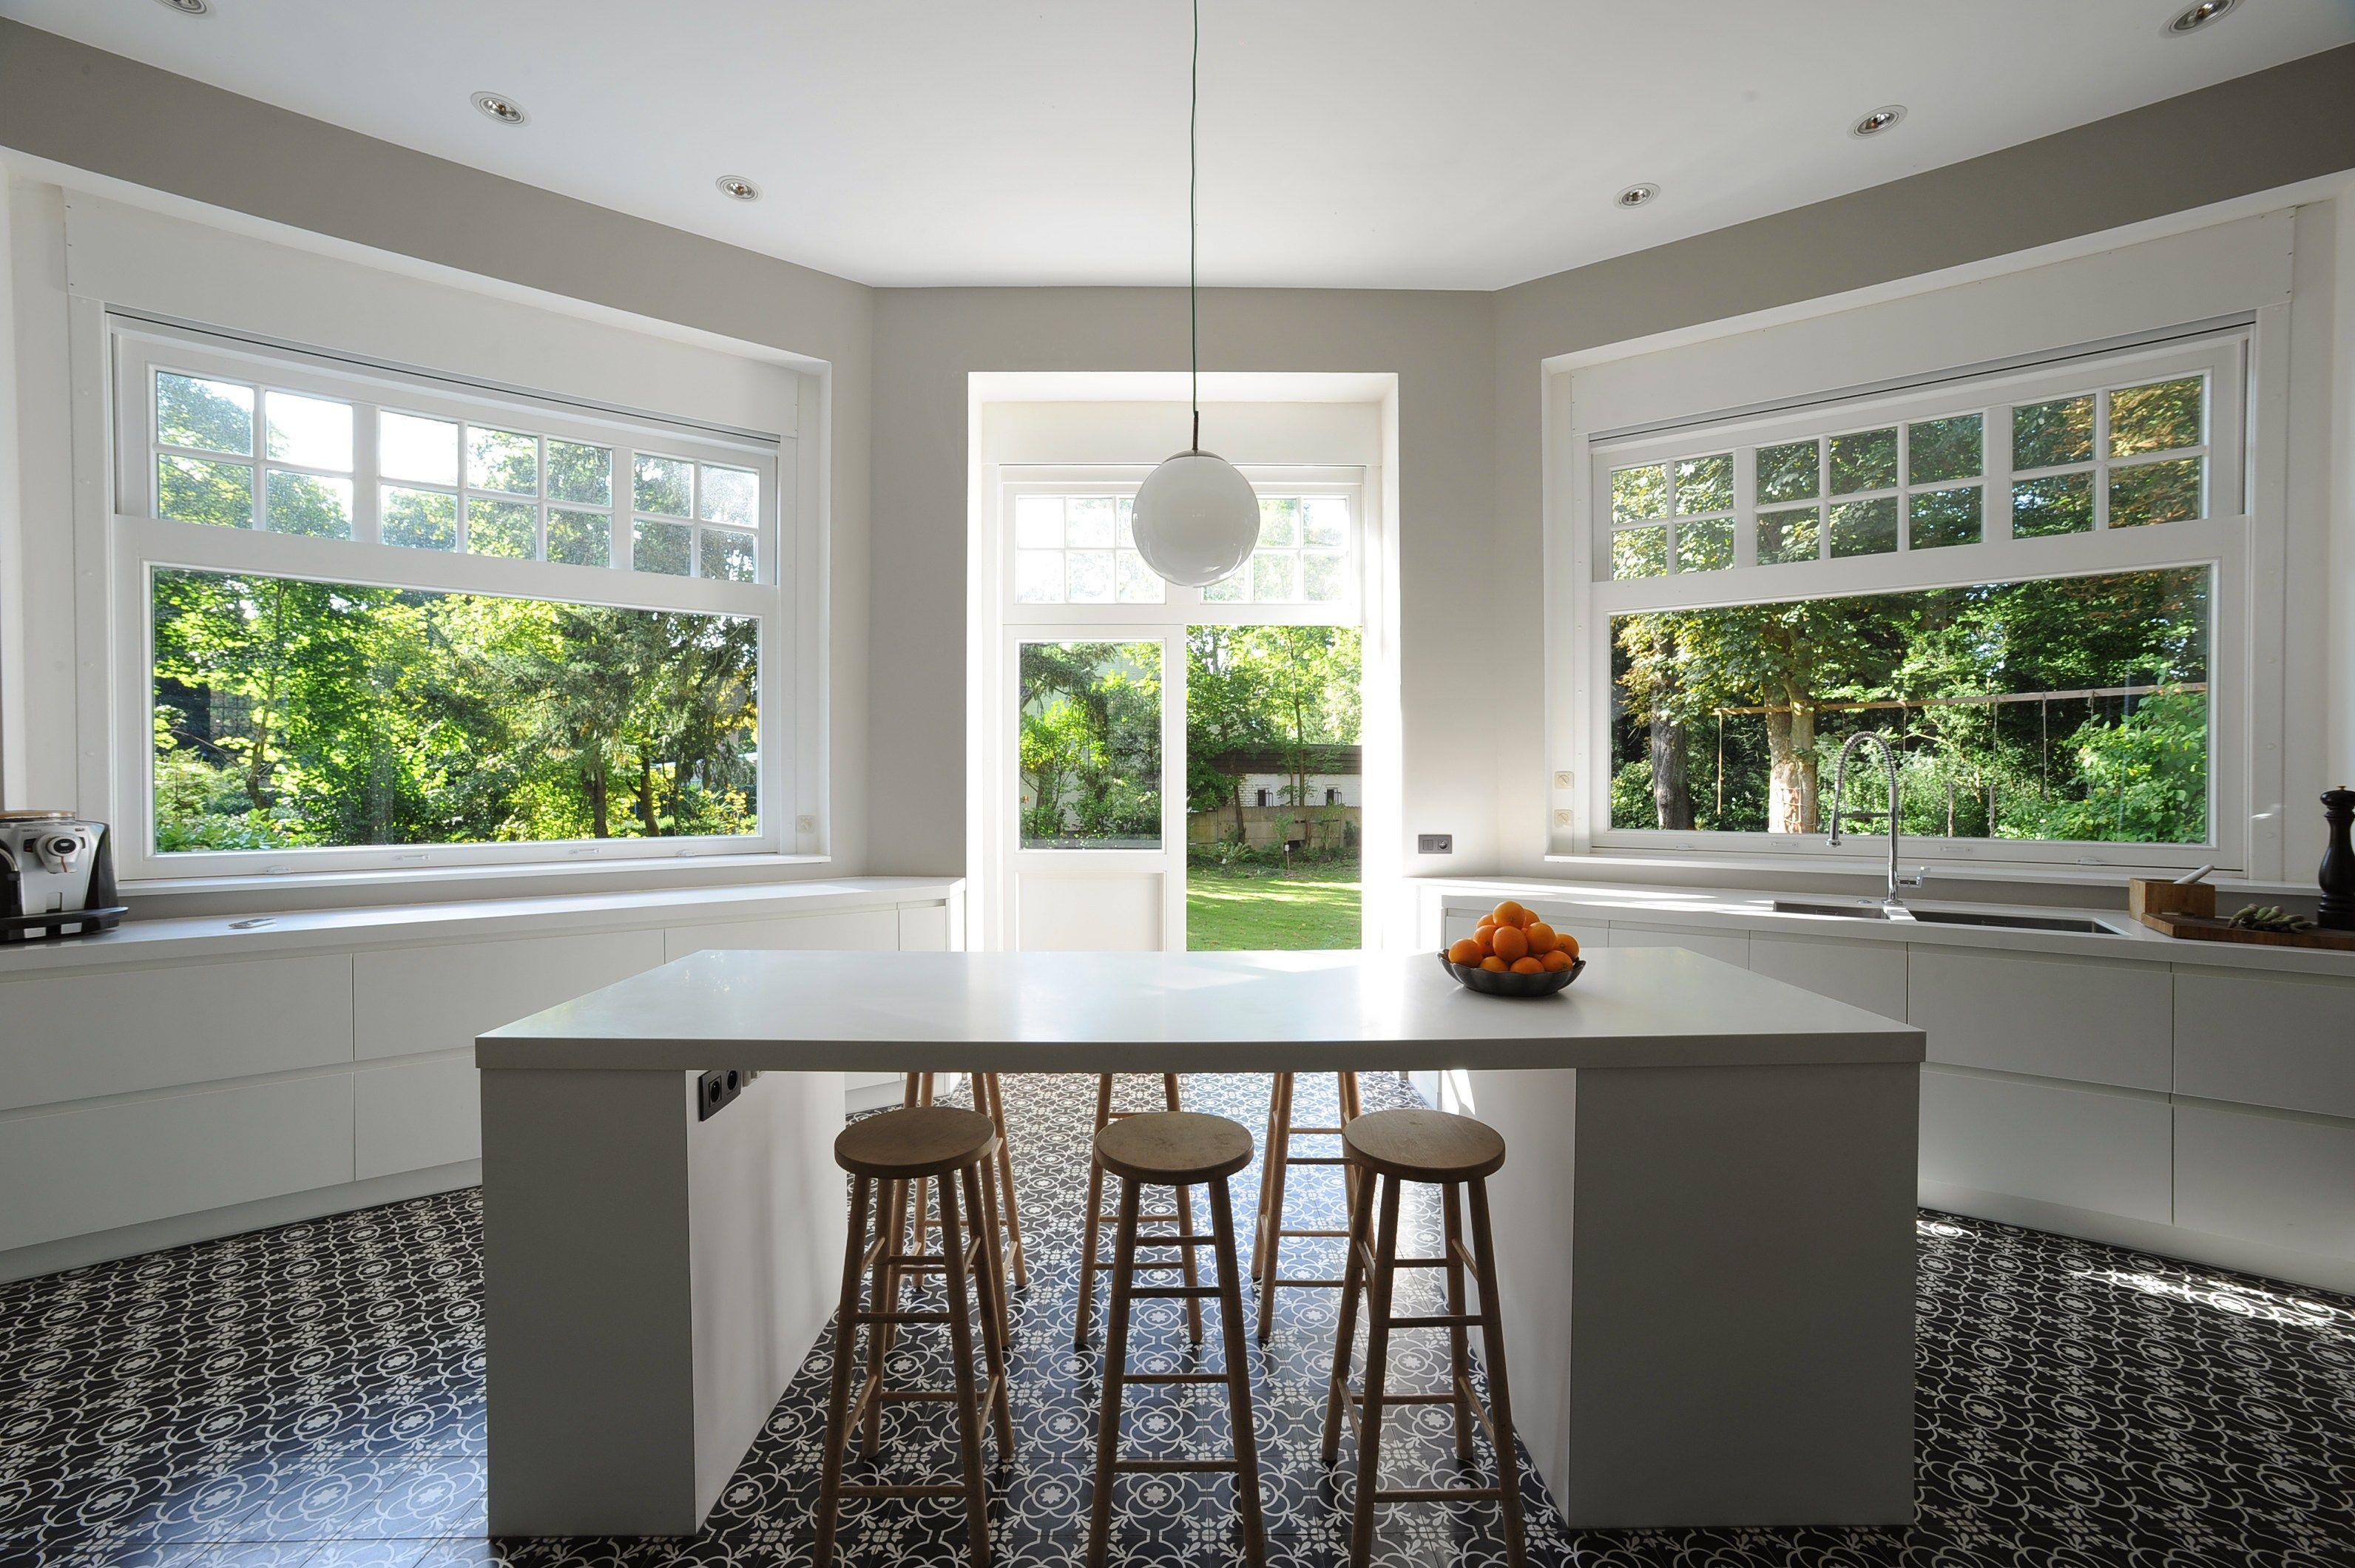 Bancada de cozinha em HI MACS® HI MACS® for kitchen worktop by HI  #49633A 3184x2120 Balança De Banheiro Lojas Americanas